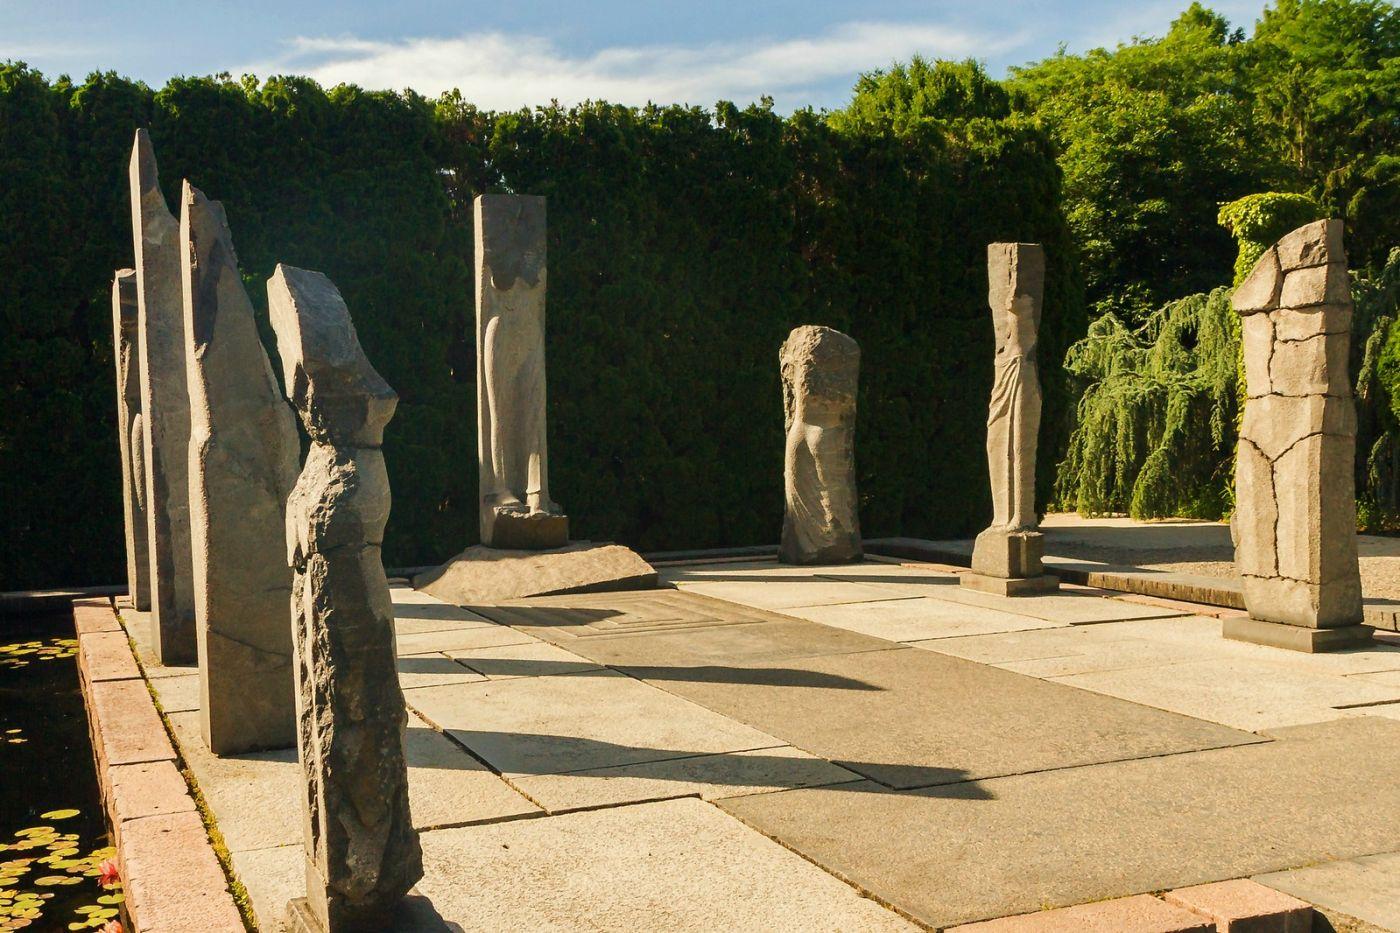 新澤西州雕塑公園(Grounds for scuplture),題材很廣_圖1-38